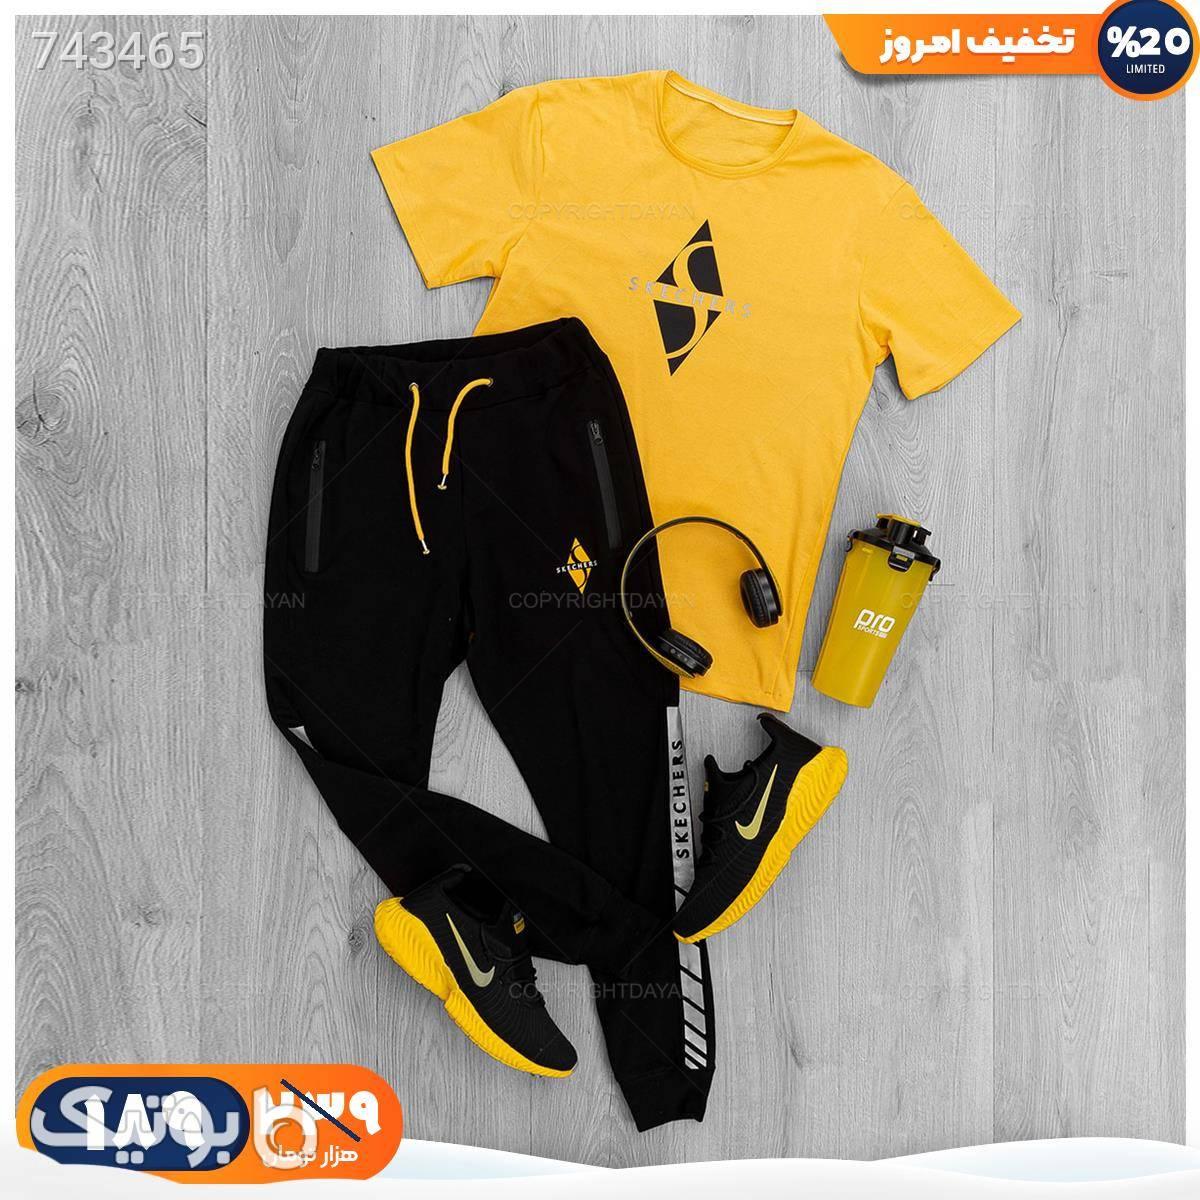 ست تیشرت و شلوار مردانه Skechers  زرد ست ورزشی مردانه